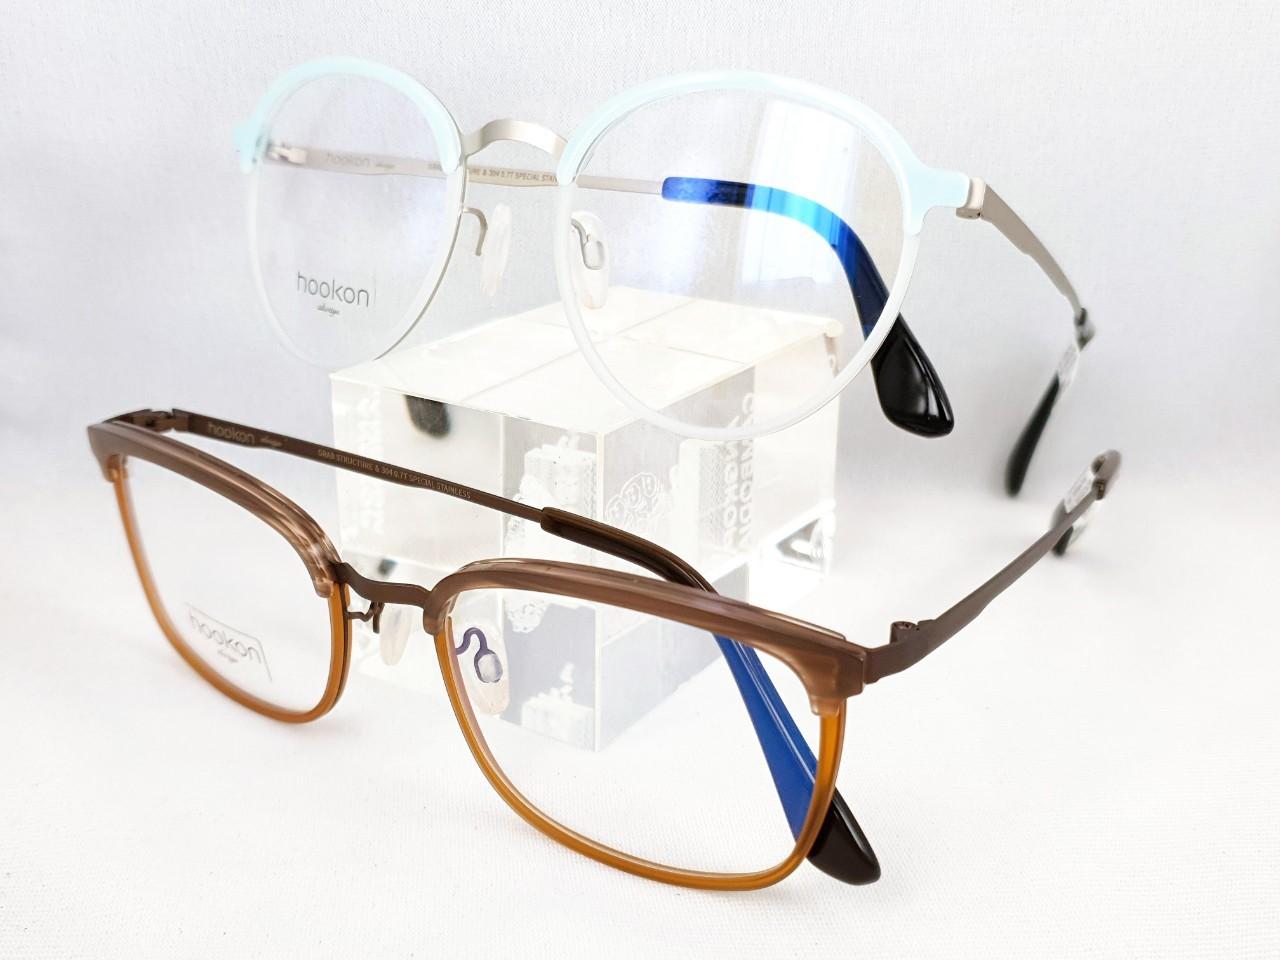 民視眼鏡品牌Hookon_200102_0004